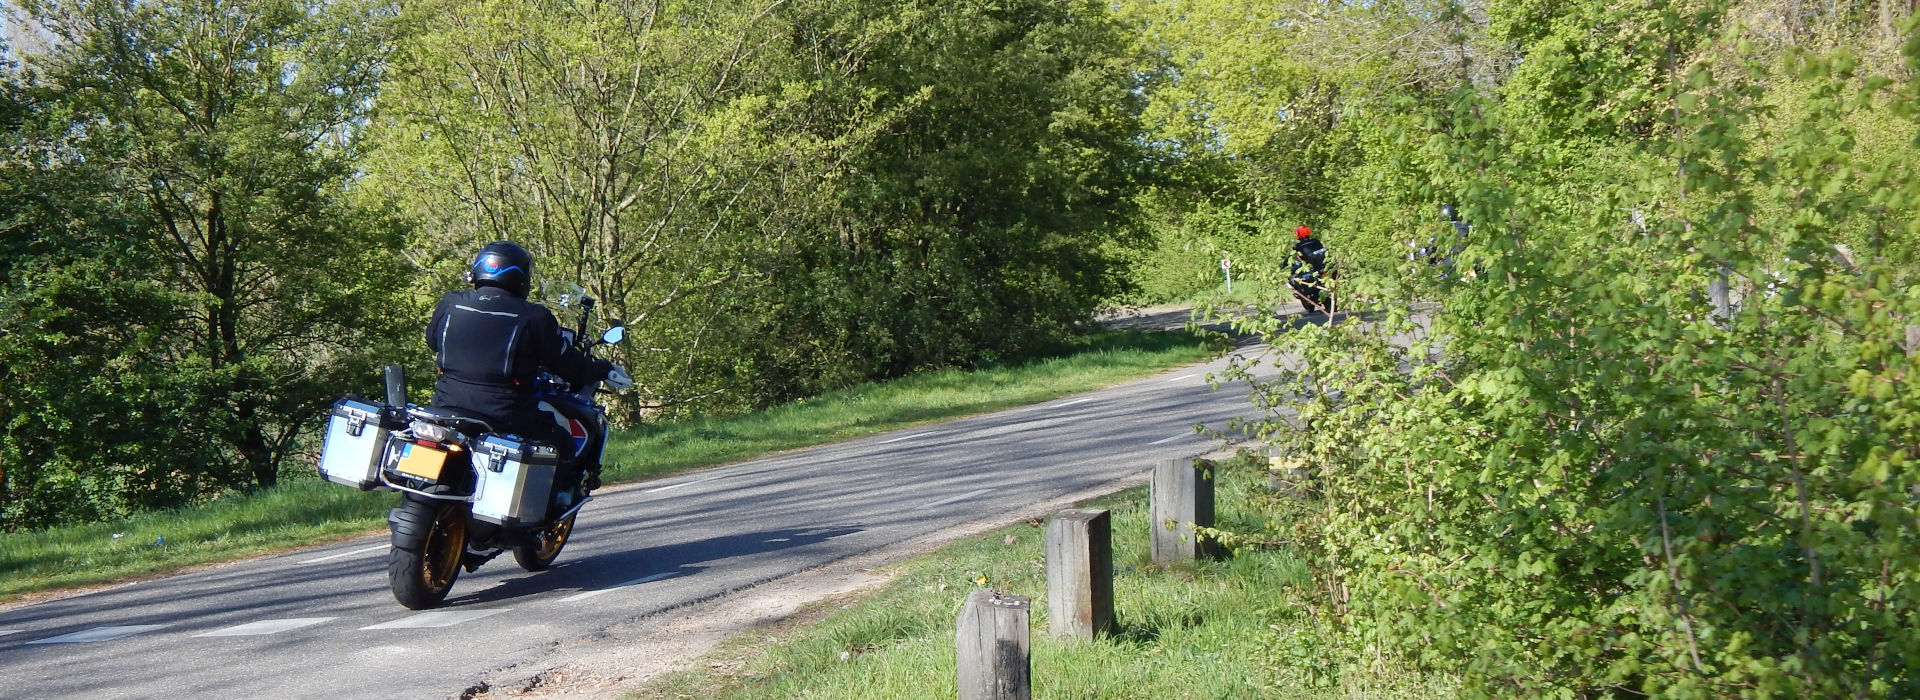 Motorrijschool Motorrijbewijspoint Veendam motorrijlessen